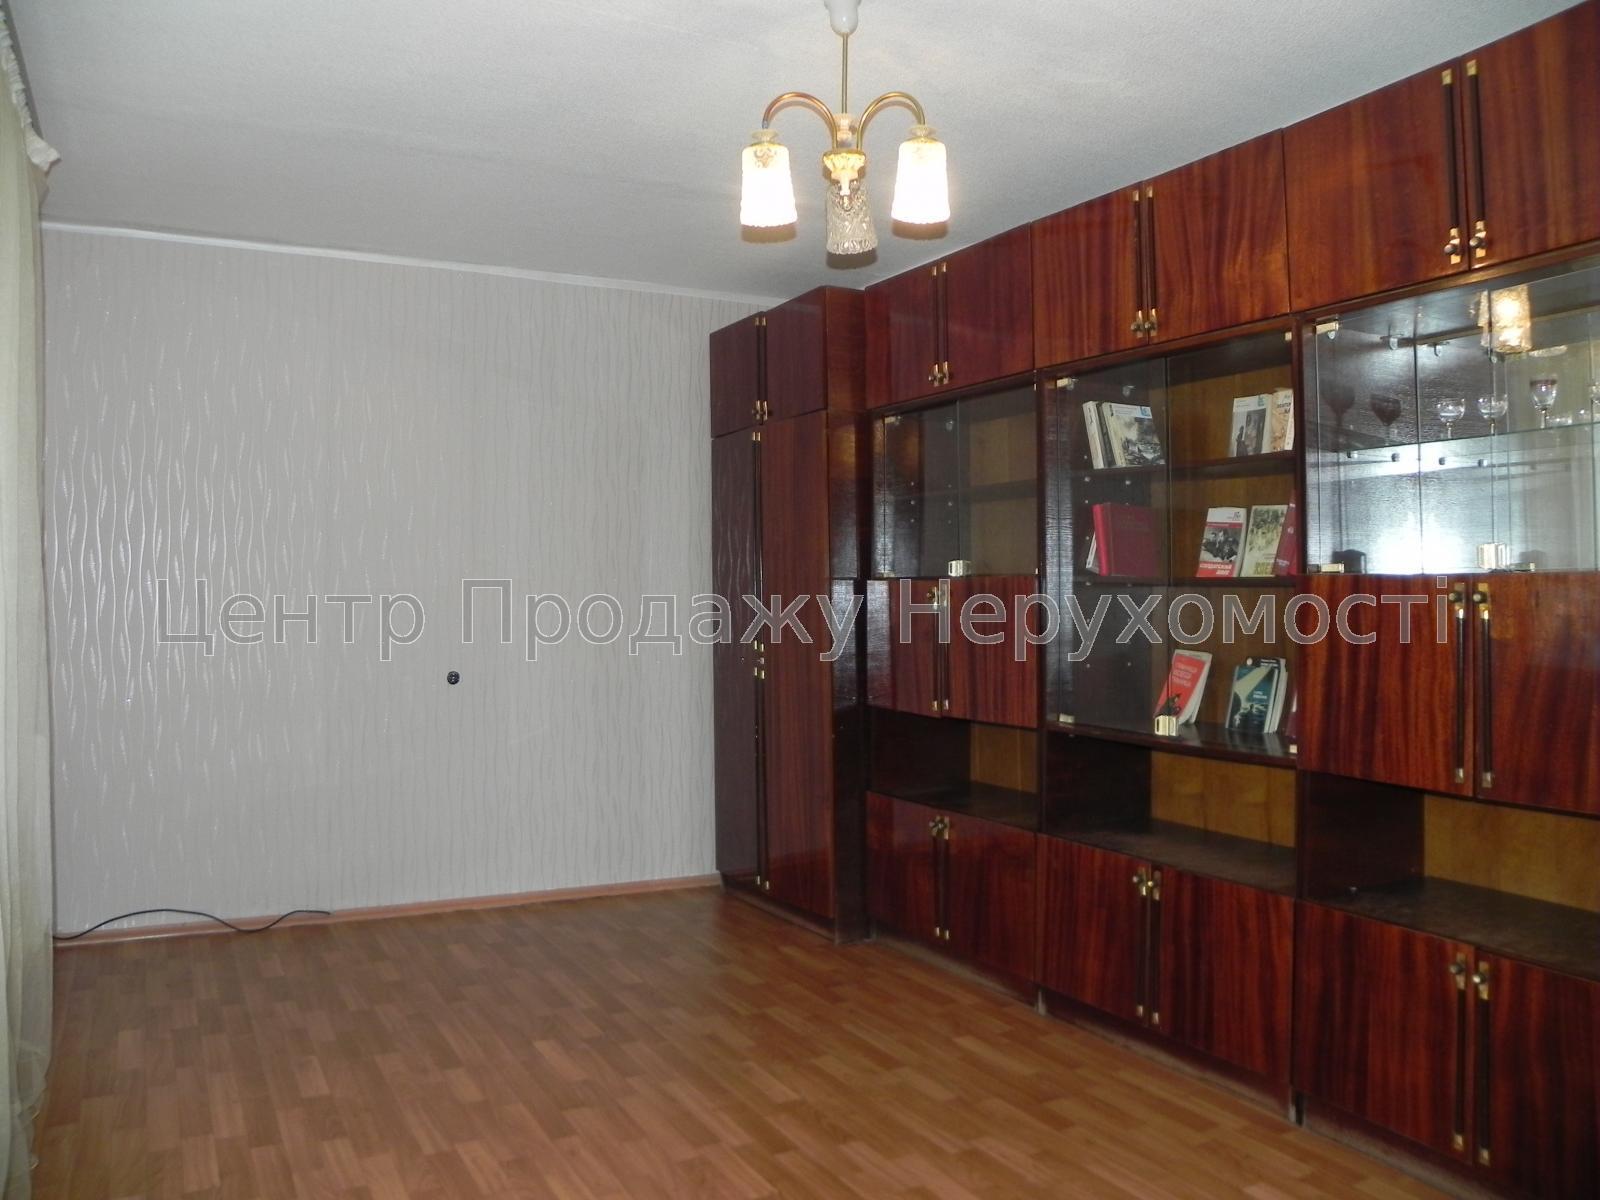 Продам квартиру Харьков, Северина Потоцкого ул.